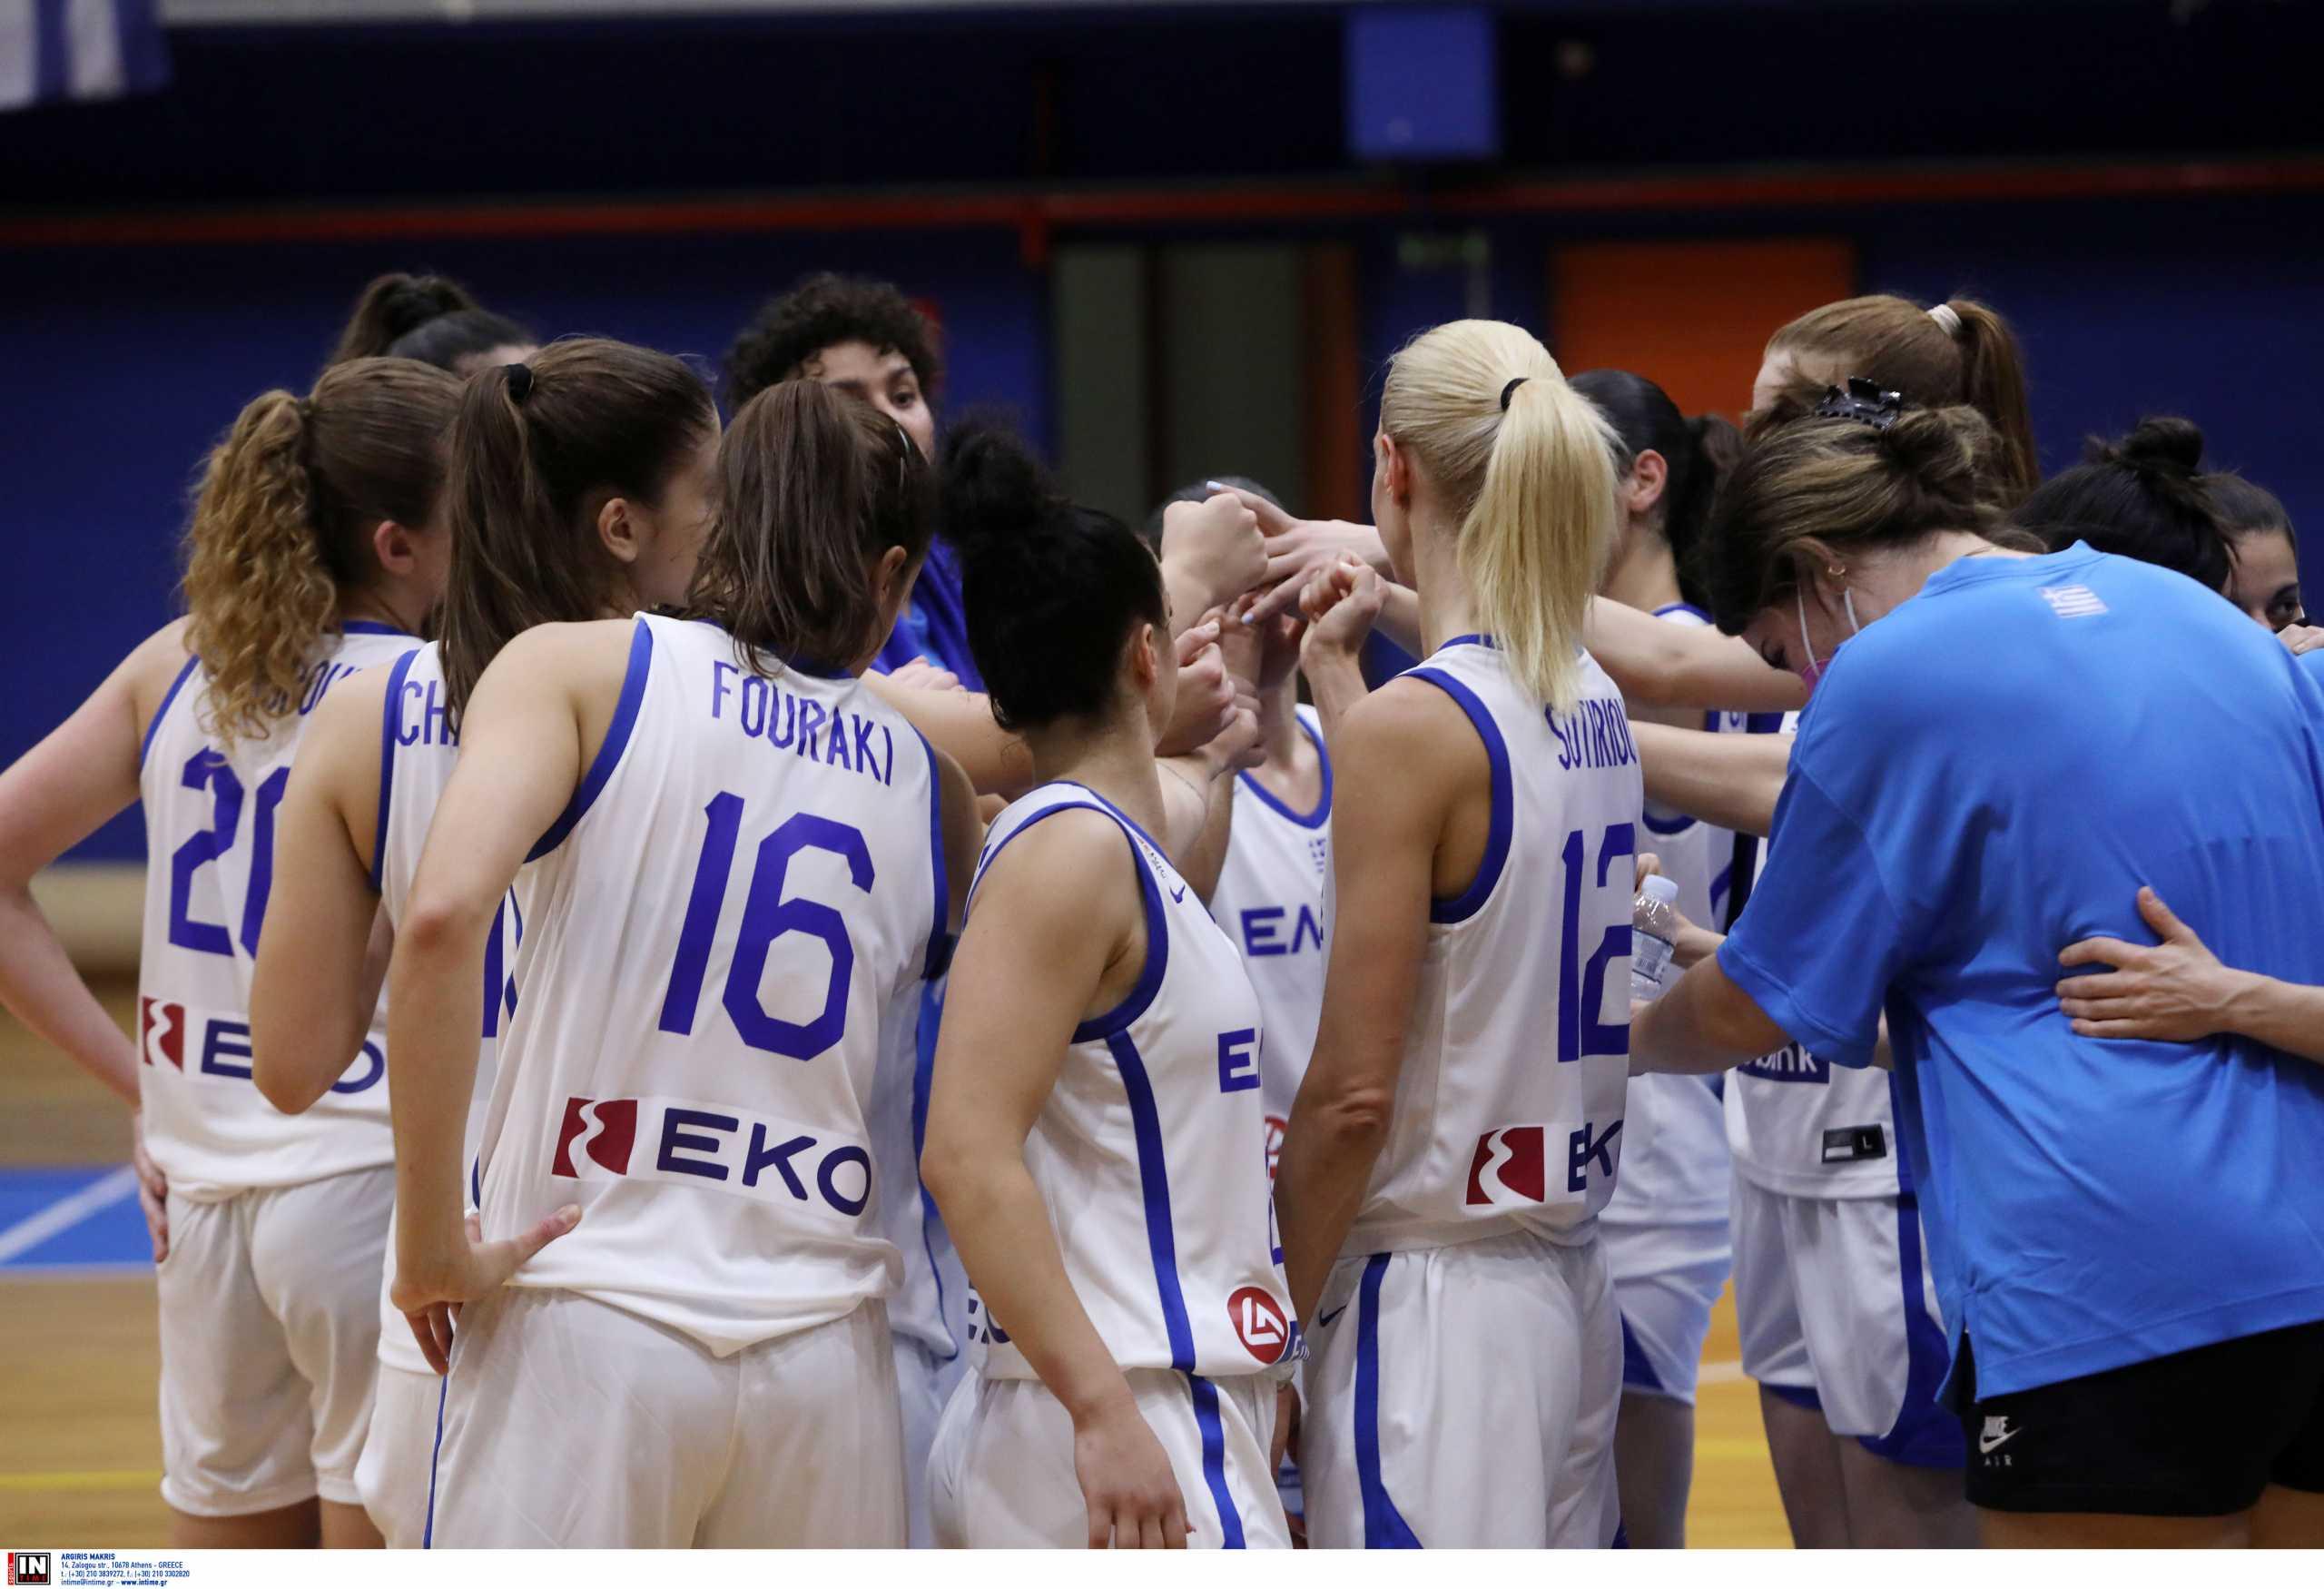 Θετικό το πρώτο δείγμα για την Εθνική γυναικών ενόψει Eurobasket